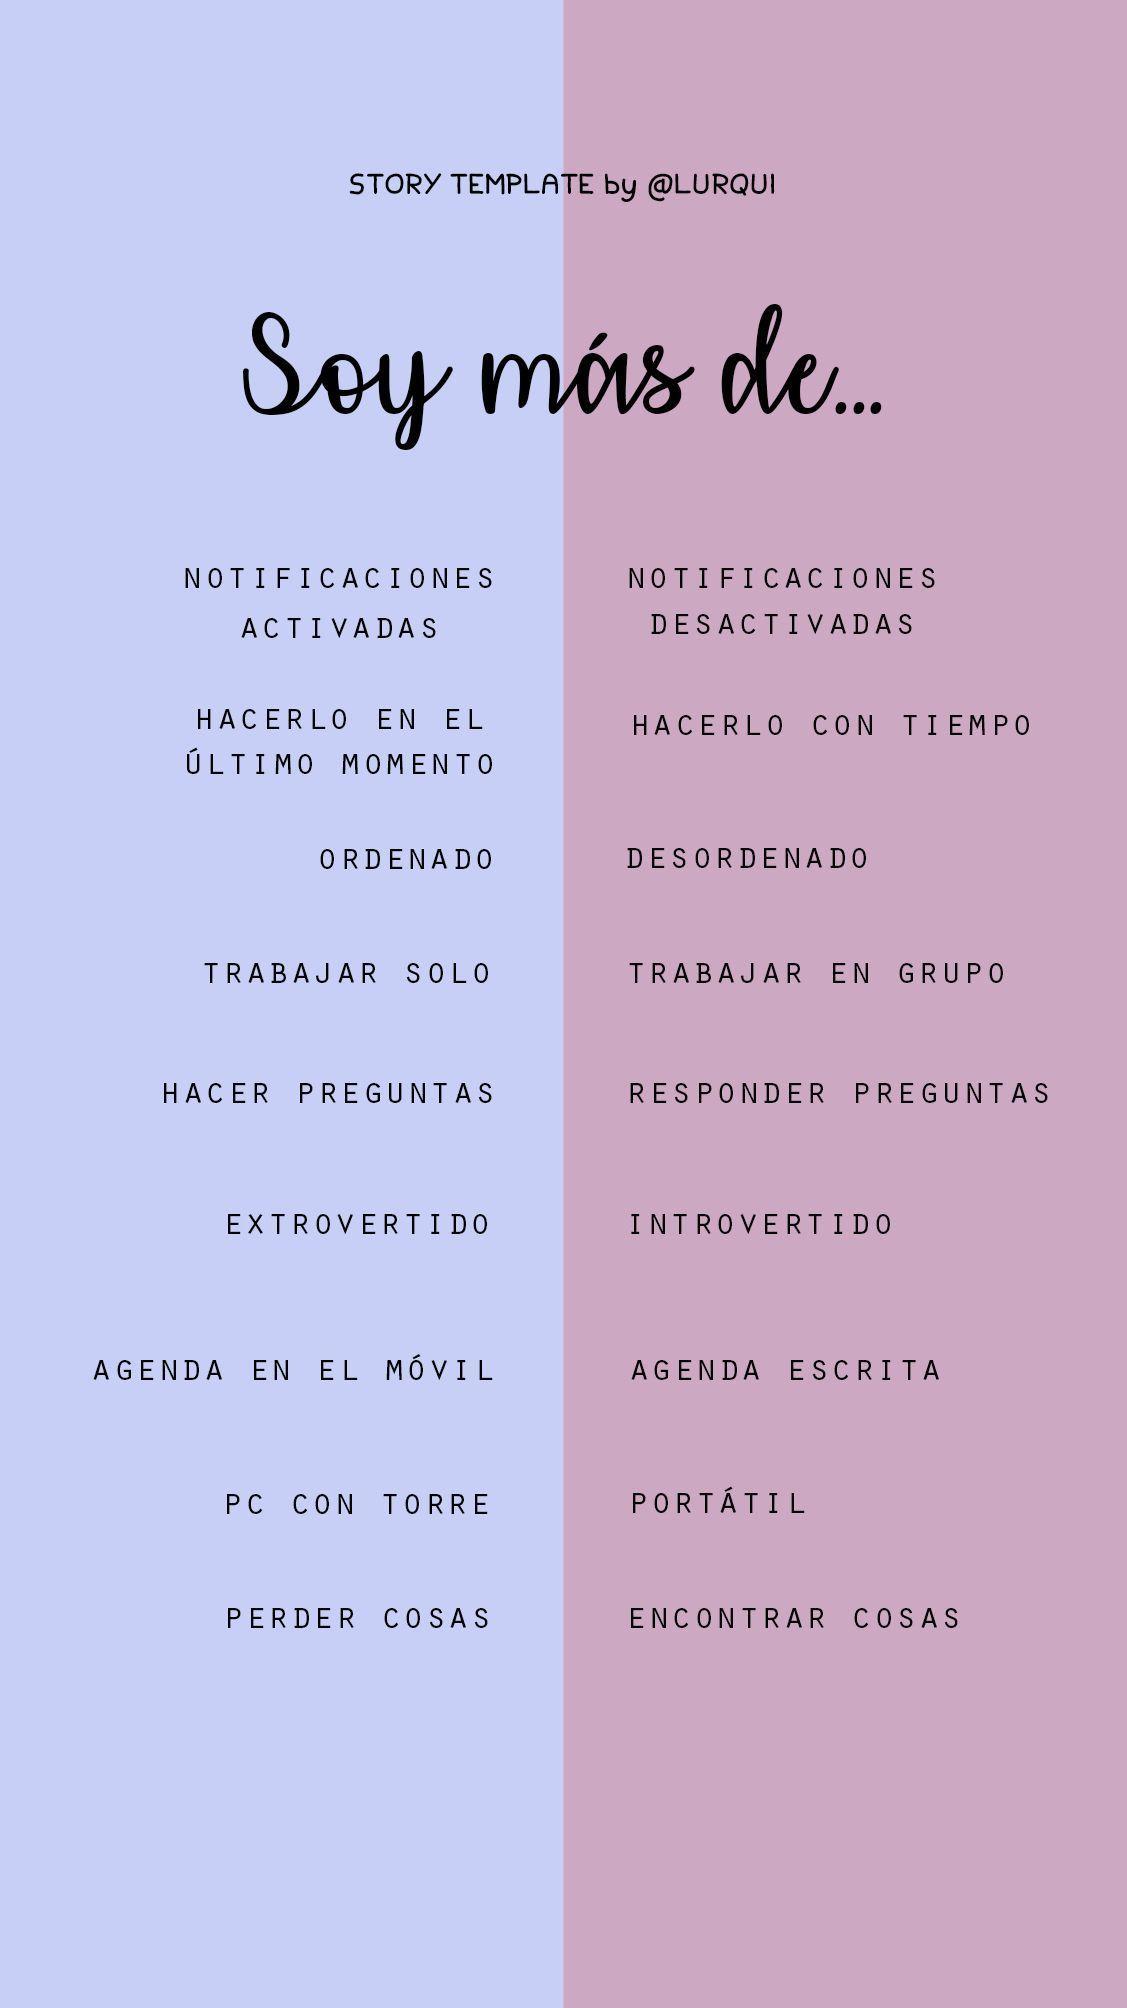 Santoña Cuenta Con Una Nueva Alternativa De Ocio Y Simply De Entretenimiento Susana Pérez Mo Retos Para Instagram Preguntas Divertidas Preguntas Para Whatsapp